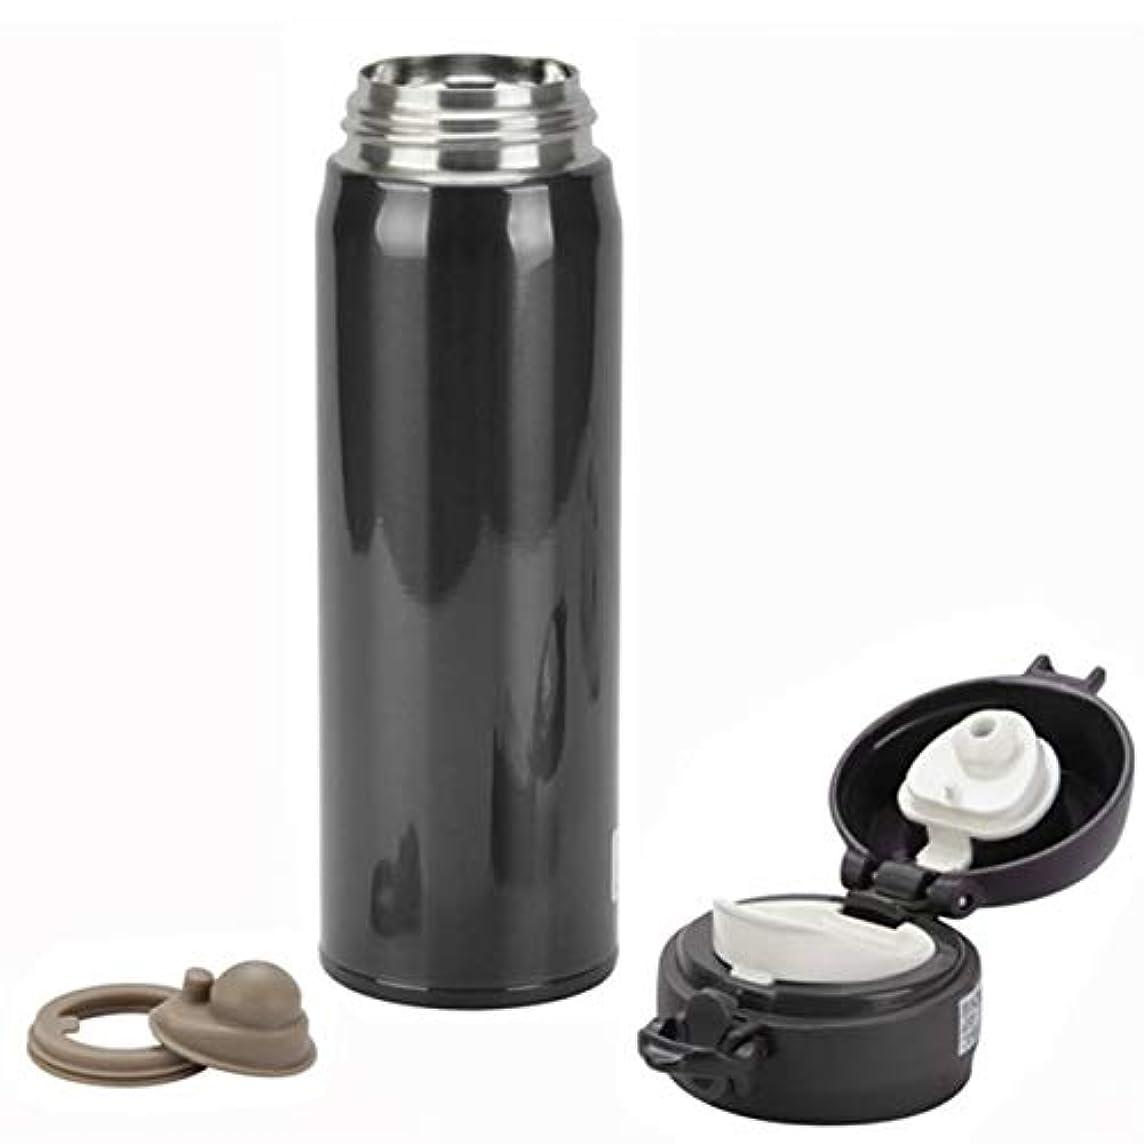 もっとパプアニューギニアパラシュートSaikogoods 真空カップ 450ミリリットル ステンレス鋼 ウォーターボトル 飲料ボトル 断熱カップ ポットを保つ運動をする ソリッドカラー シンプルなデザイン 黒